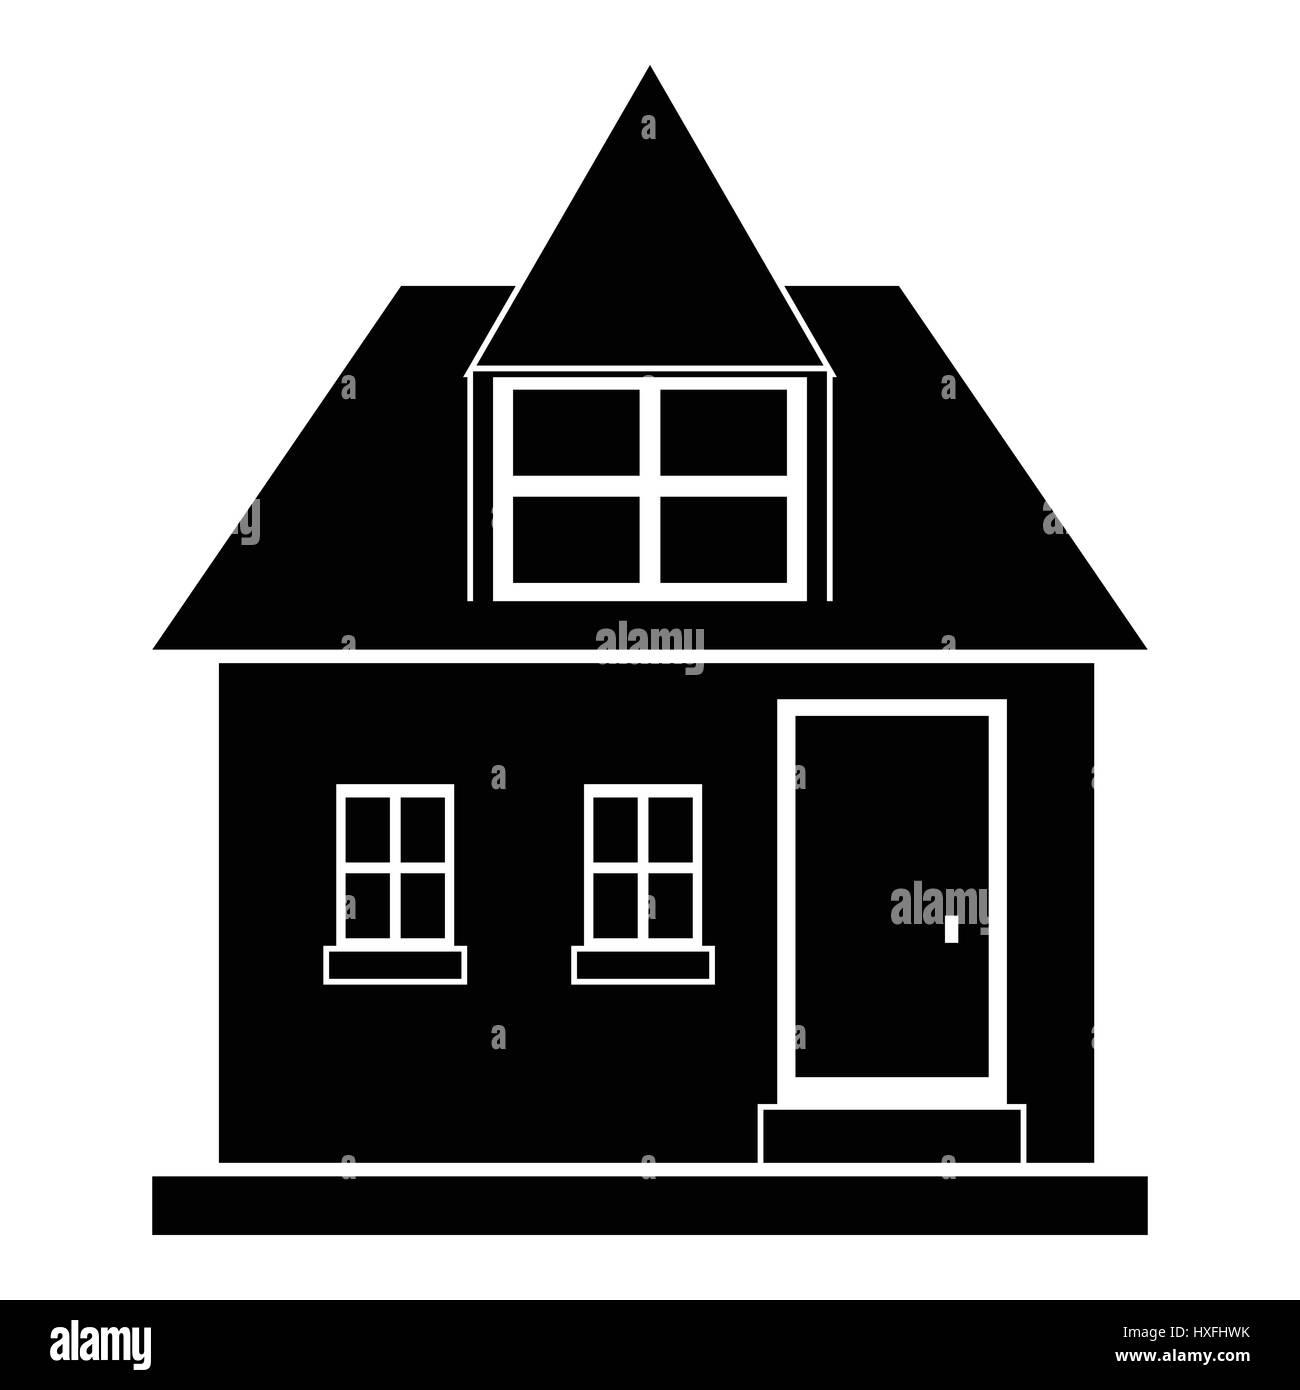 Modernes Haus-Symbol, einfachen Stil Vektor Abbildung - Bild ...